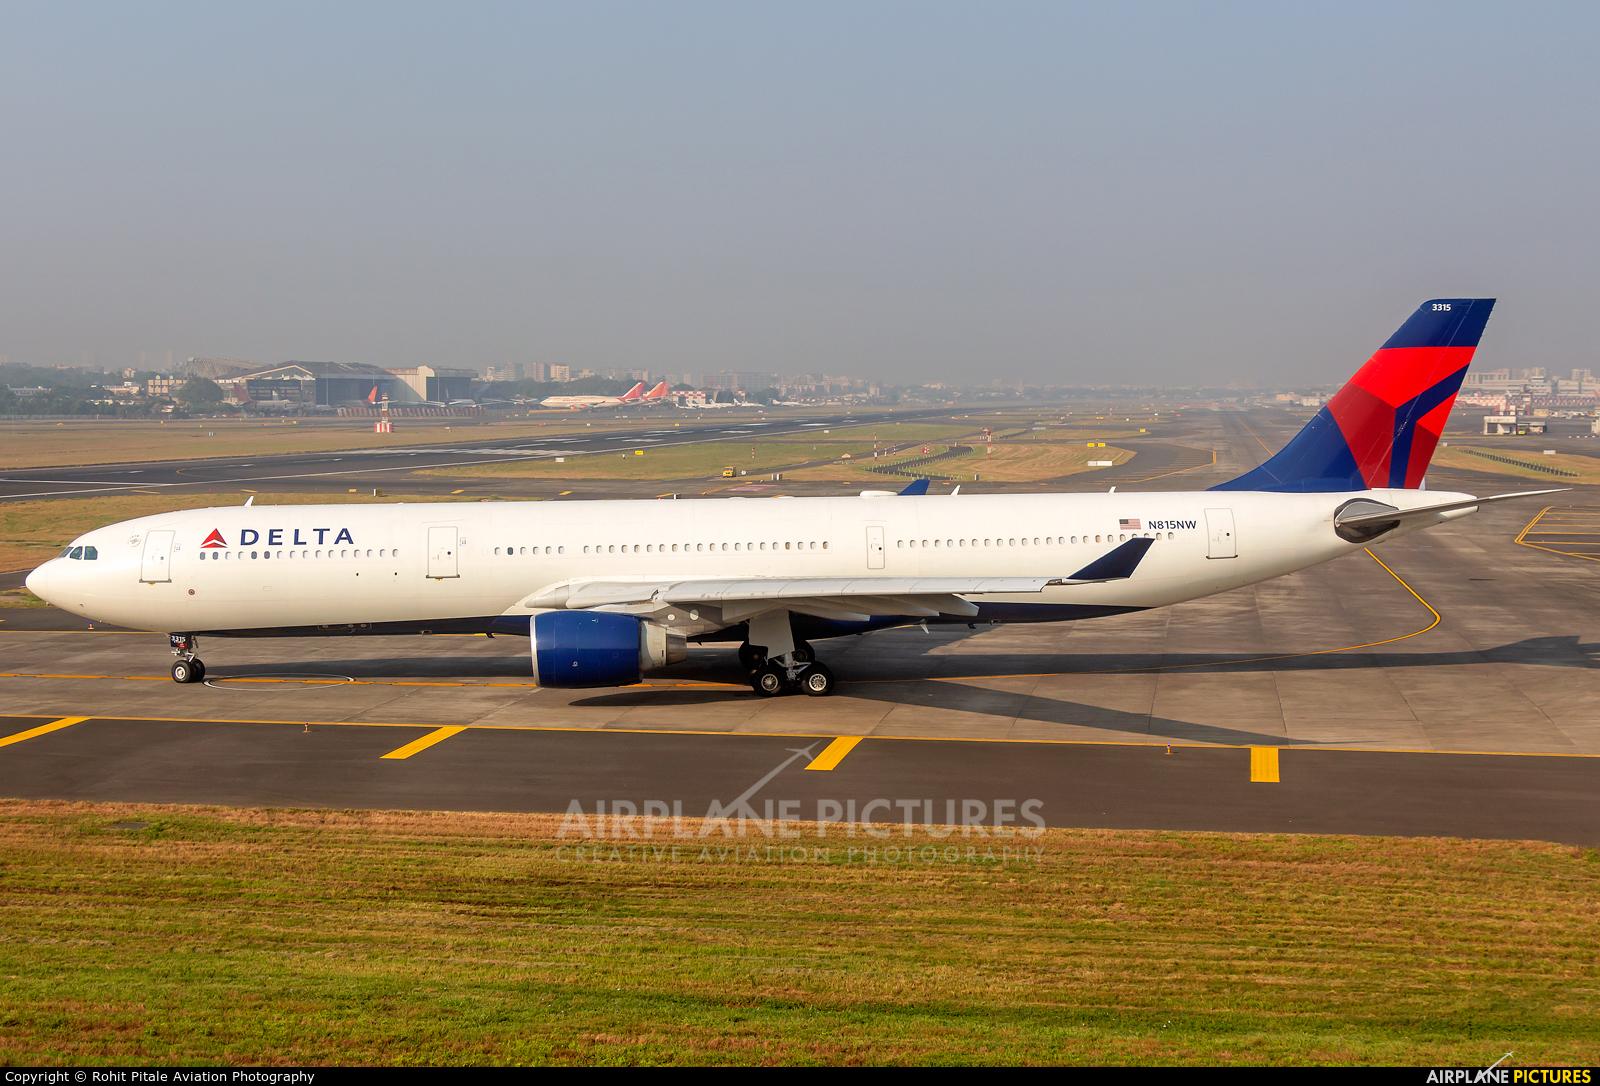 Delta Air Lines N815NW aircraft at Mumbai - Chhatrapati Shivaji Intl